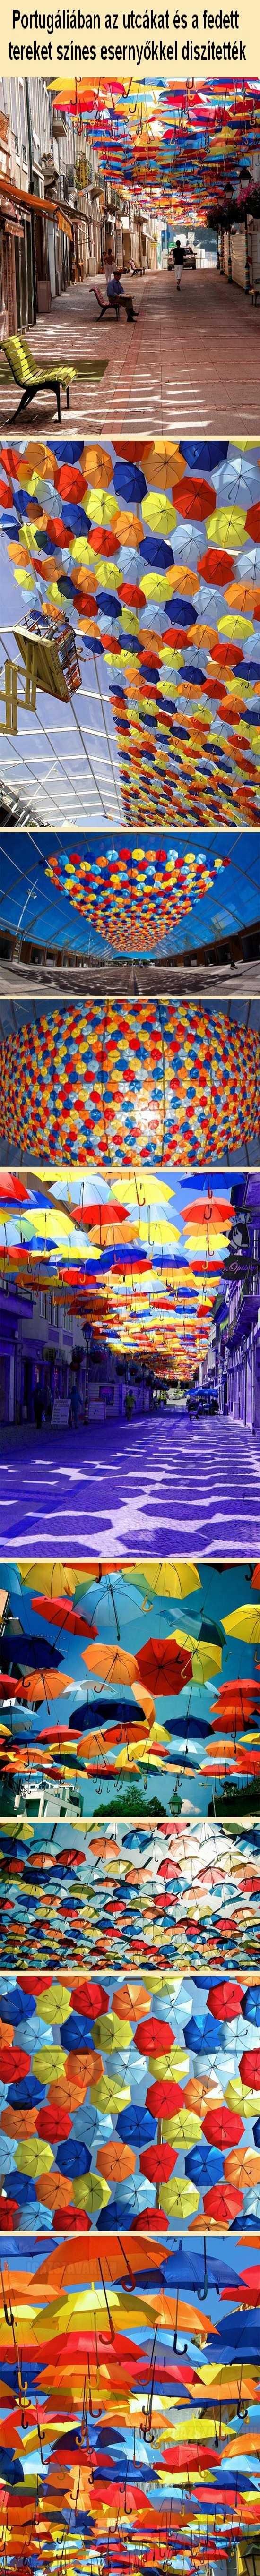 varázslatos fotók esernyők az égbolton portugáliában